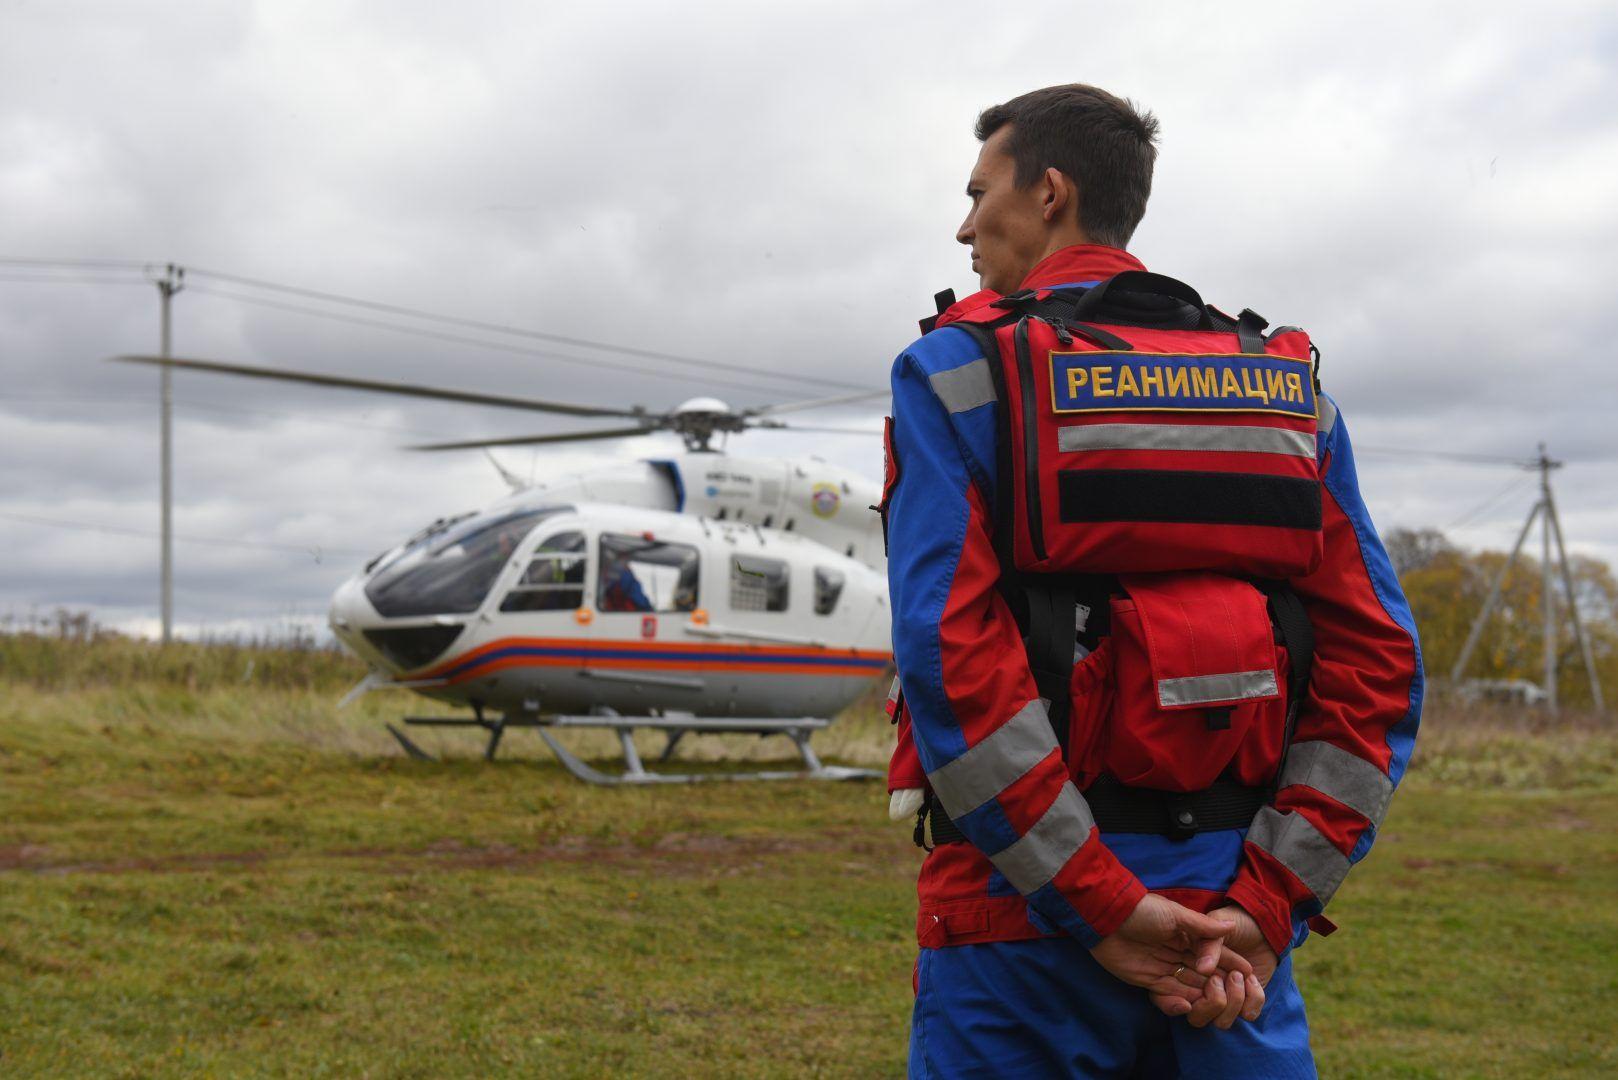 Экипажи выполняют от пяти до семи вылетов ежедневно. Фото: Александр Кожохин, «Вечерняя Москва»